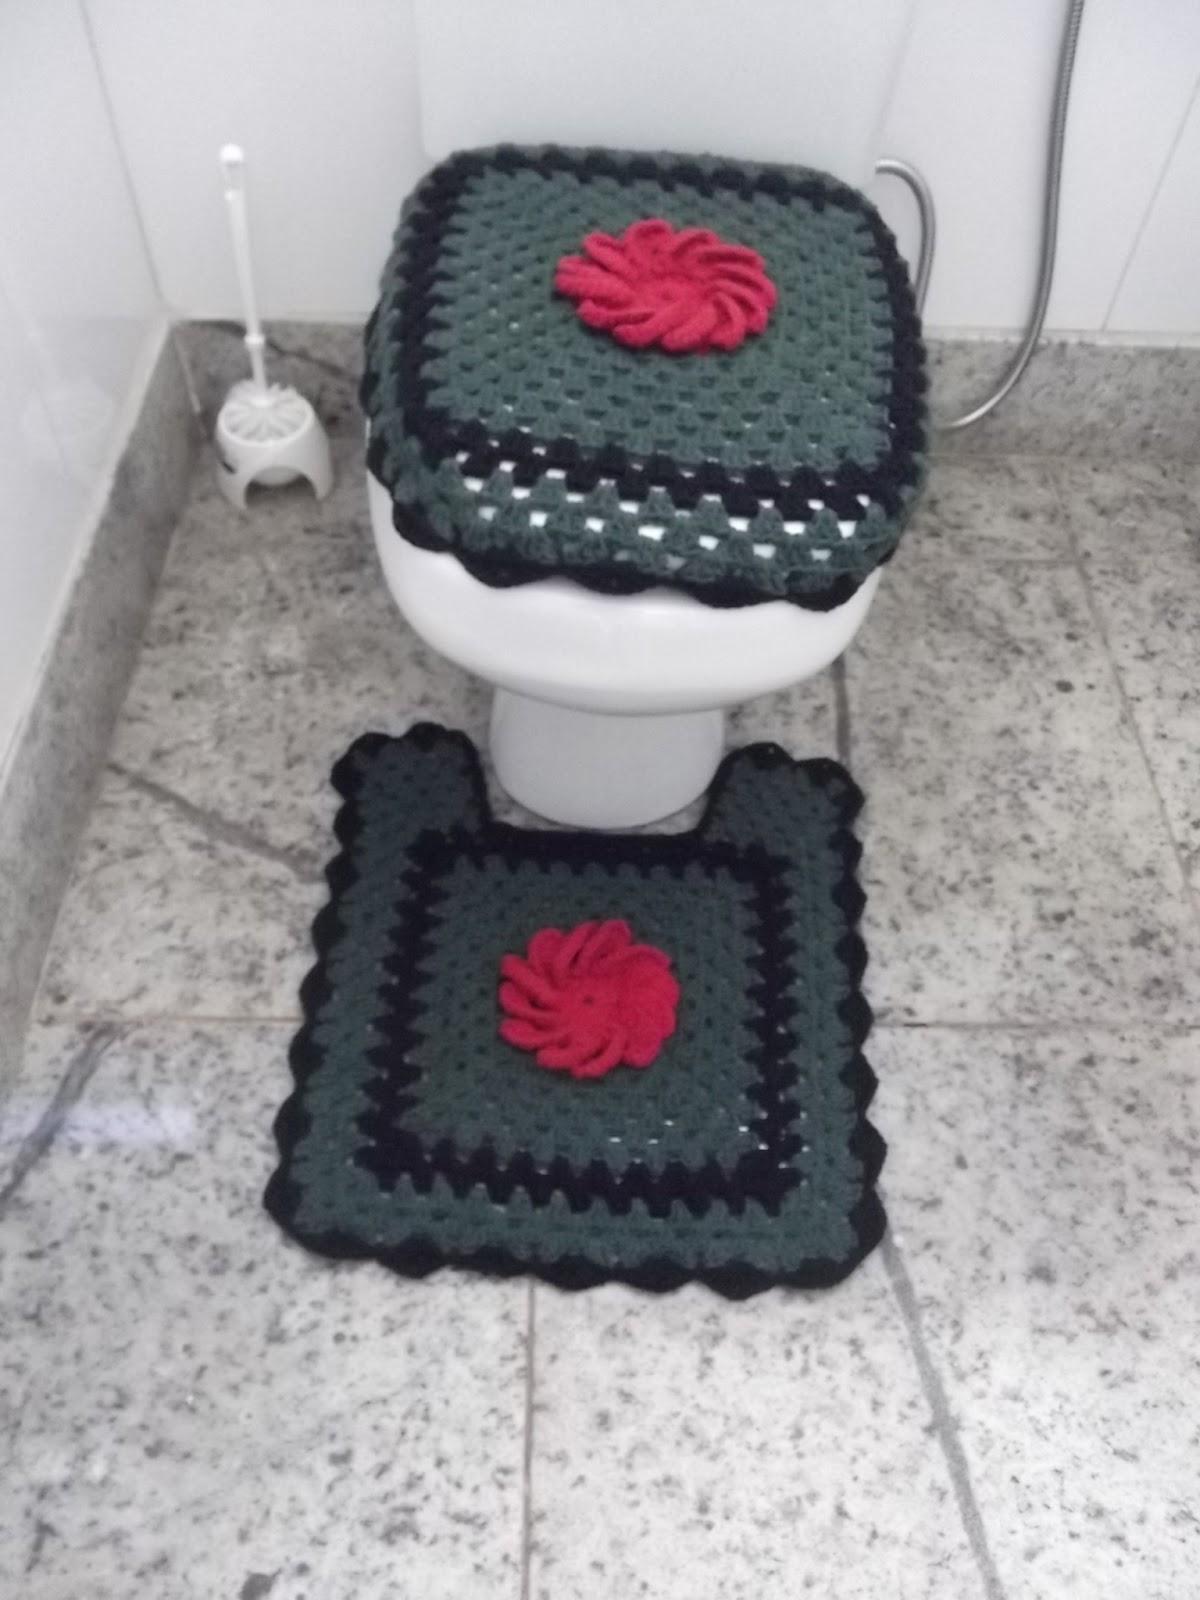 Jogo De Banheiro Quadrado Simples : Arte em croch? jogo de banheiro quadrado com mega flor